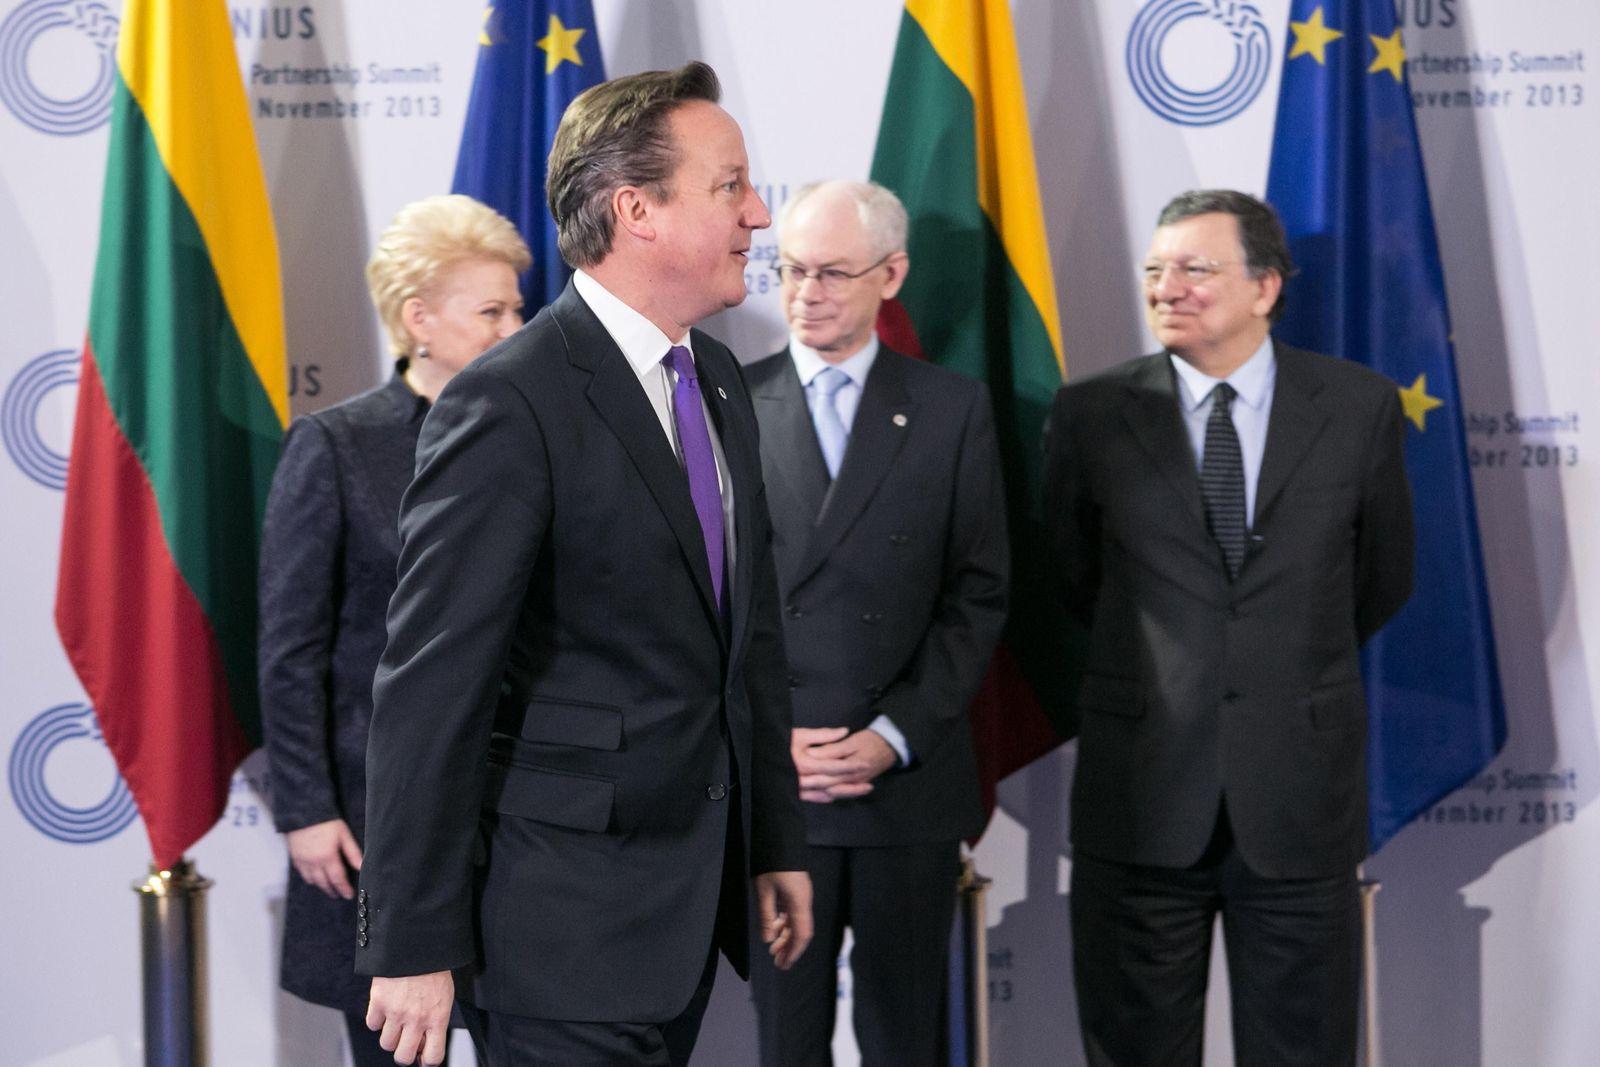 Cameron EU-Gipfel